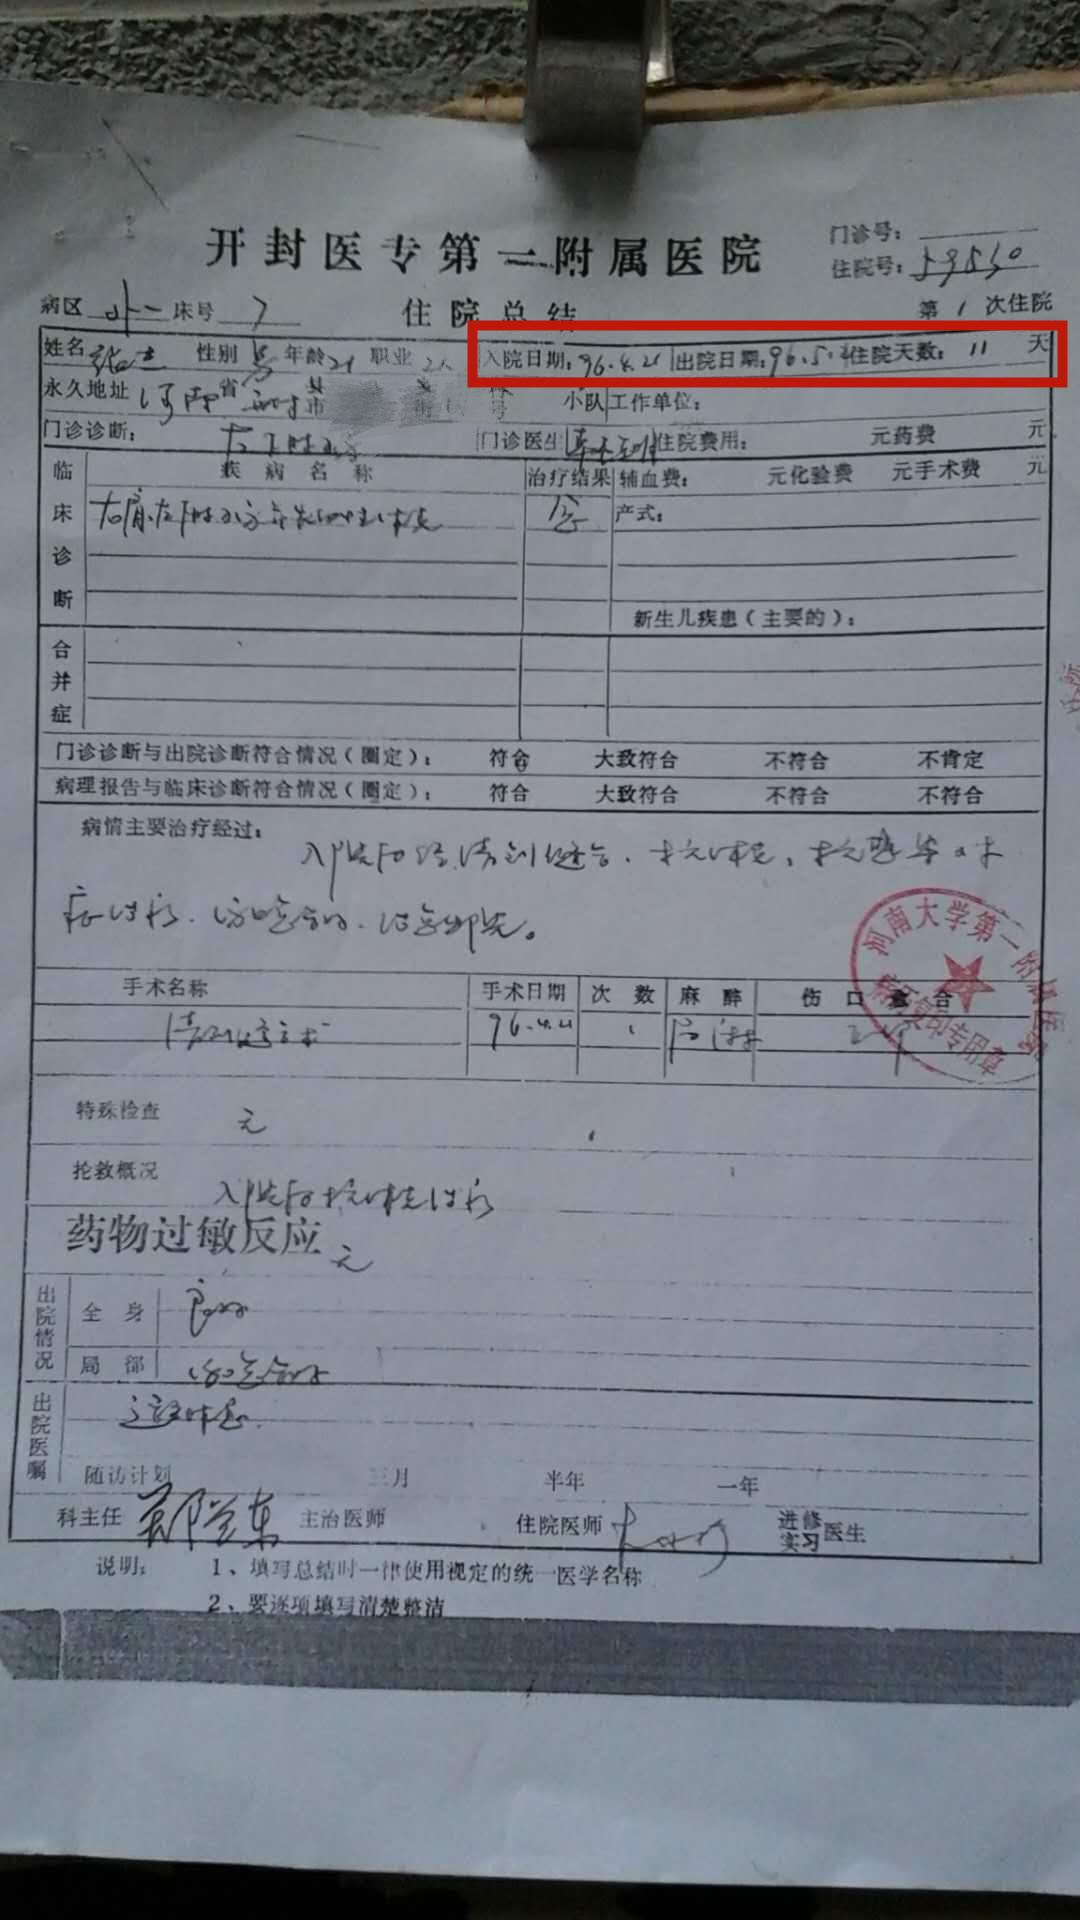 【搜索引擎优化方法】_男子见义勇为被刺4刀未获感谢,23年后提诉索赔10元胜诉